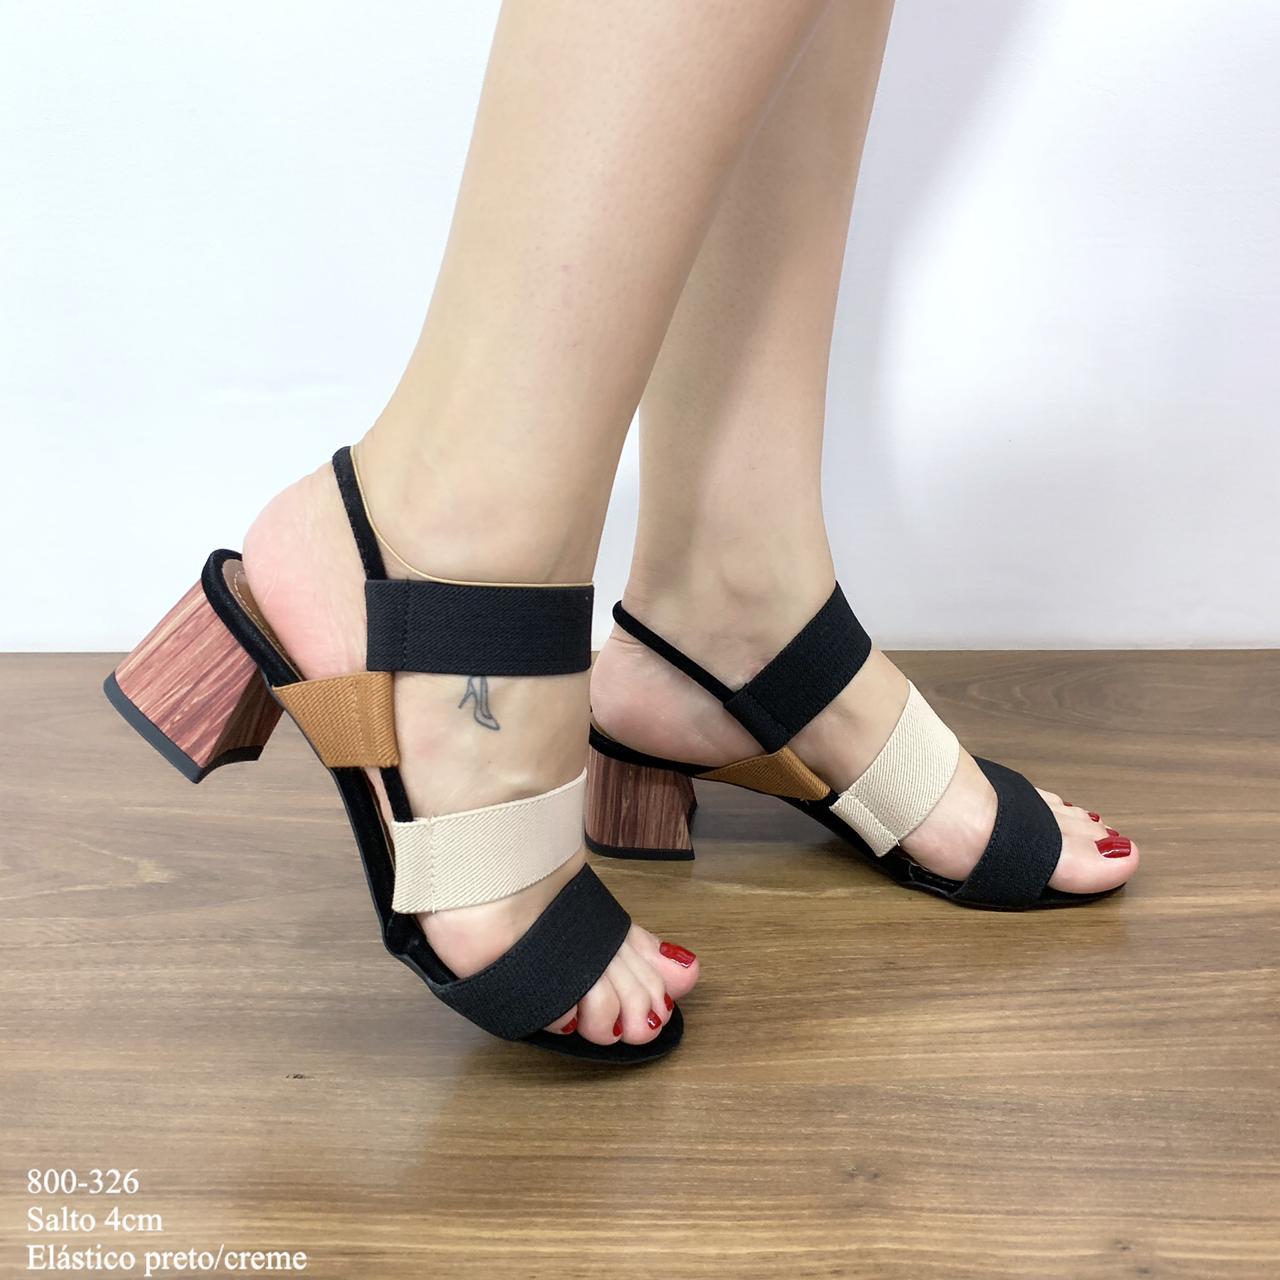 Sandália Preta Com Elastico Preto/Creme   D-800-326